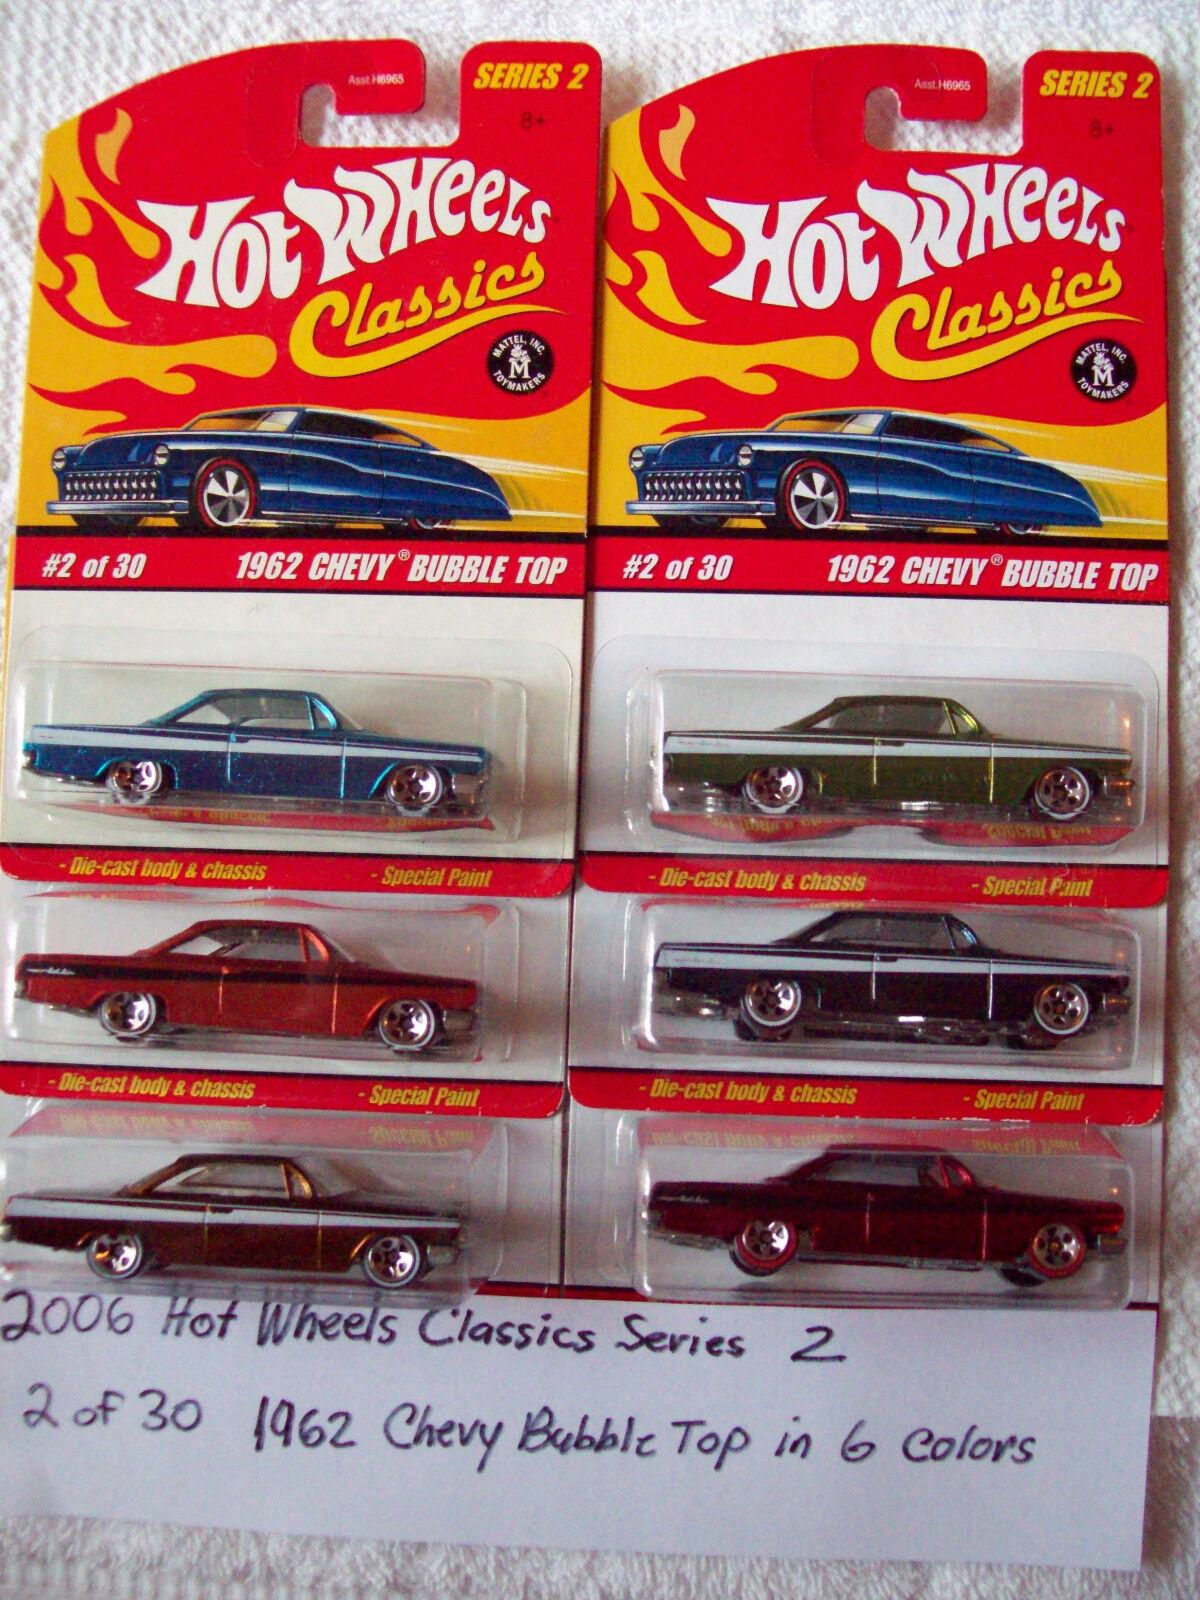 2006 hot wheels - klassiker - reihe 2 1962 chevy bubble top in 6 farben